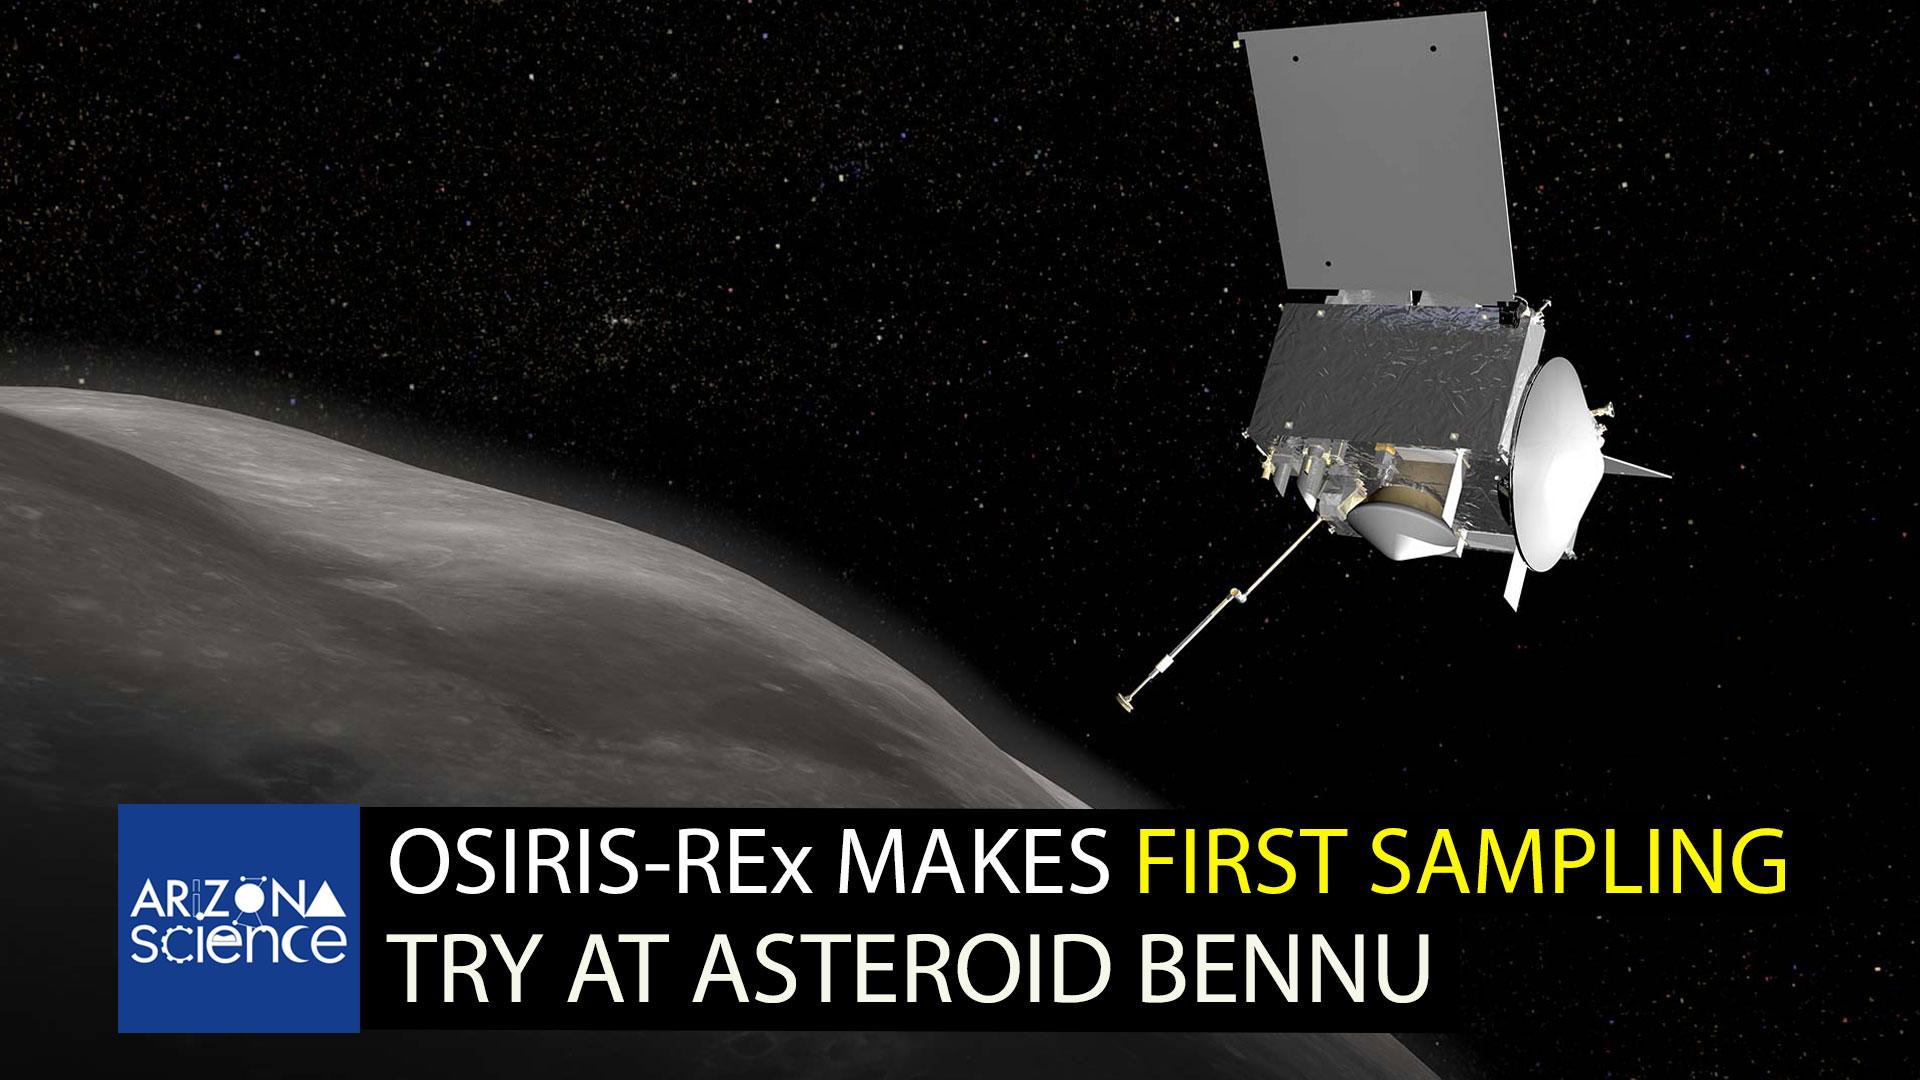 OSIRIS-REx in orbit around Bennu